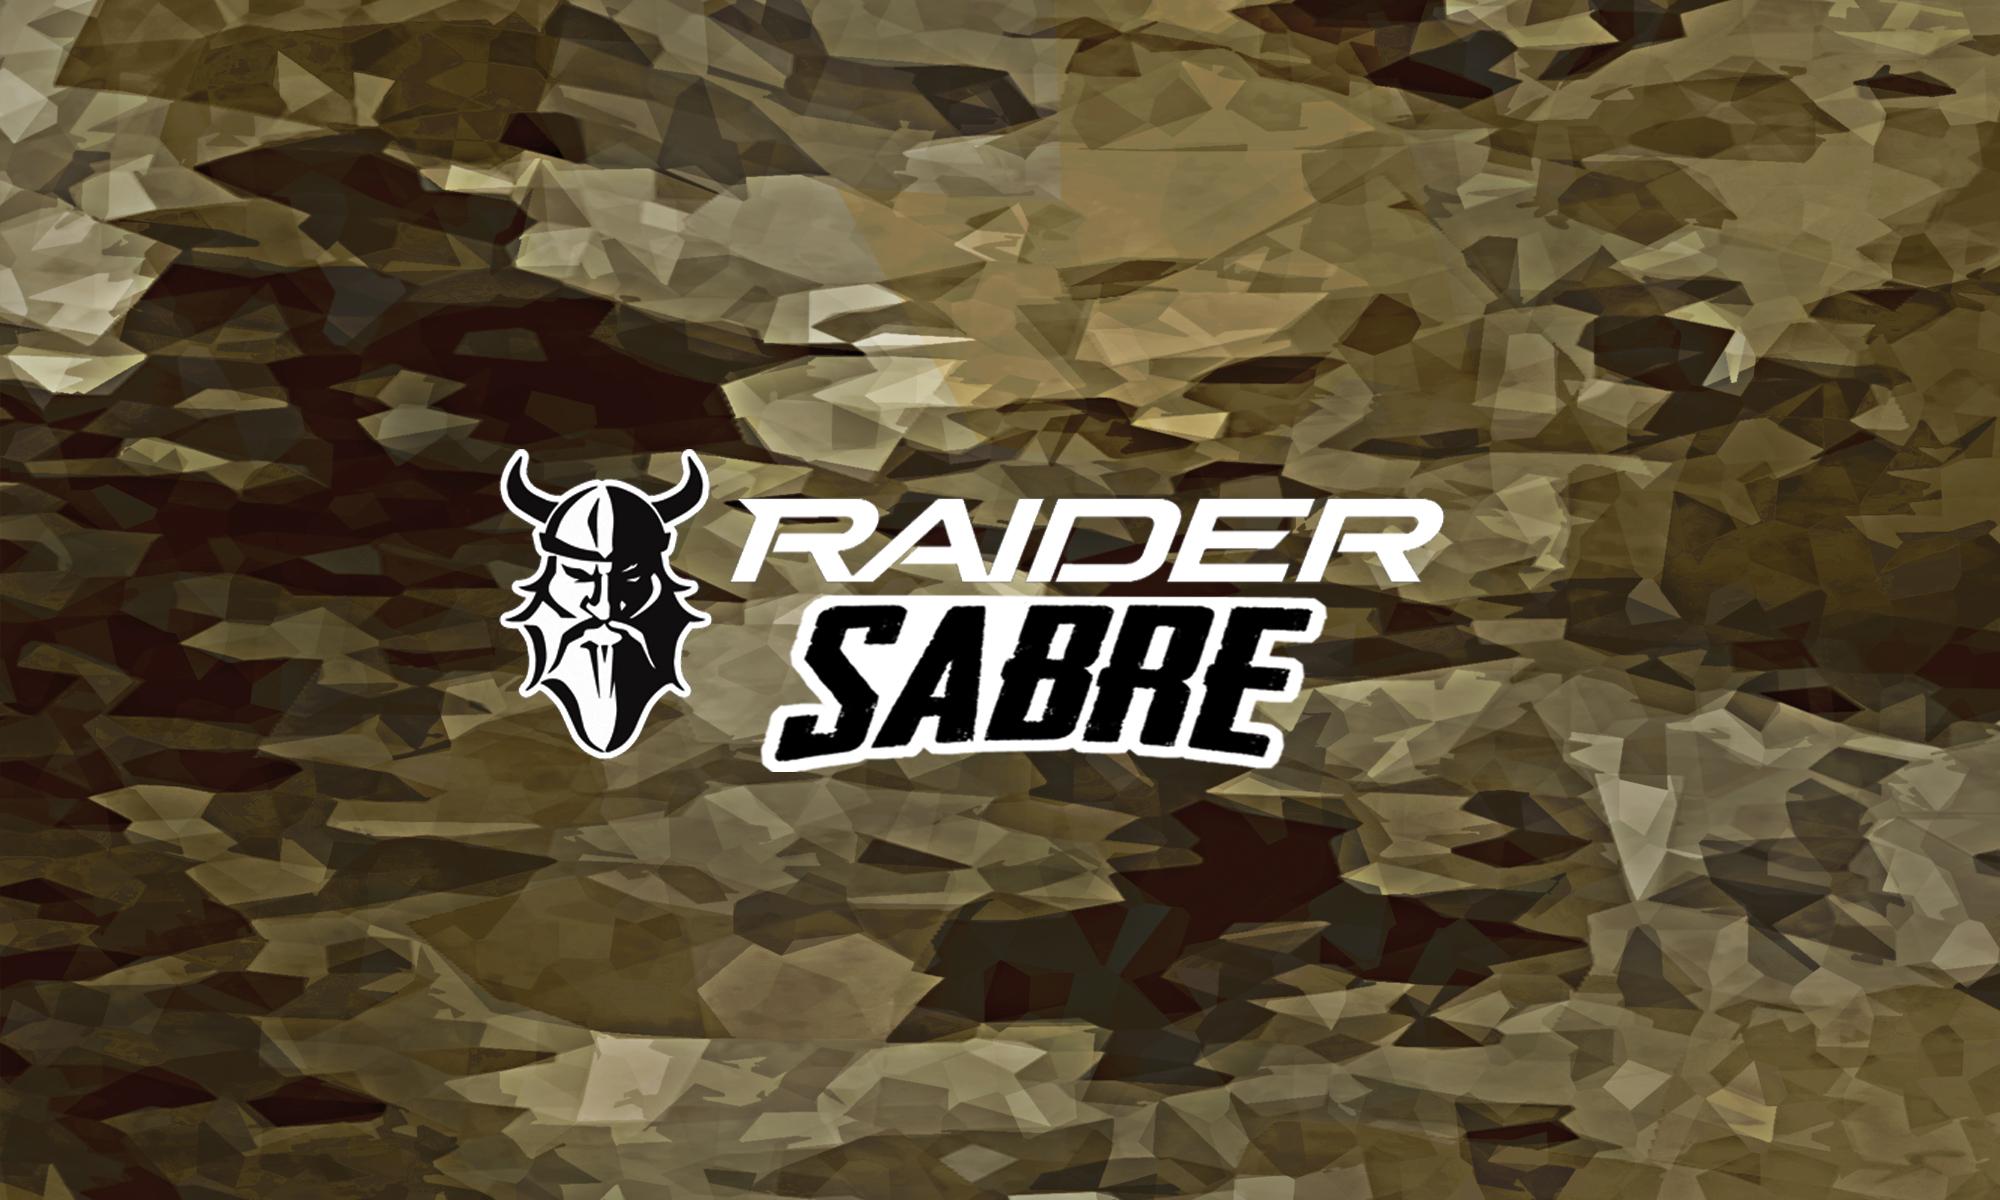 raider_sabre2020